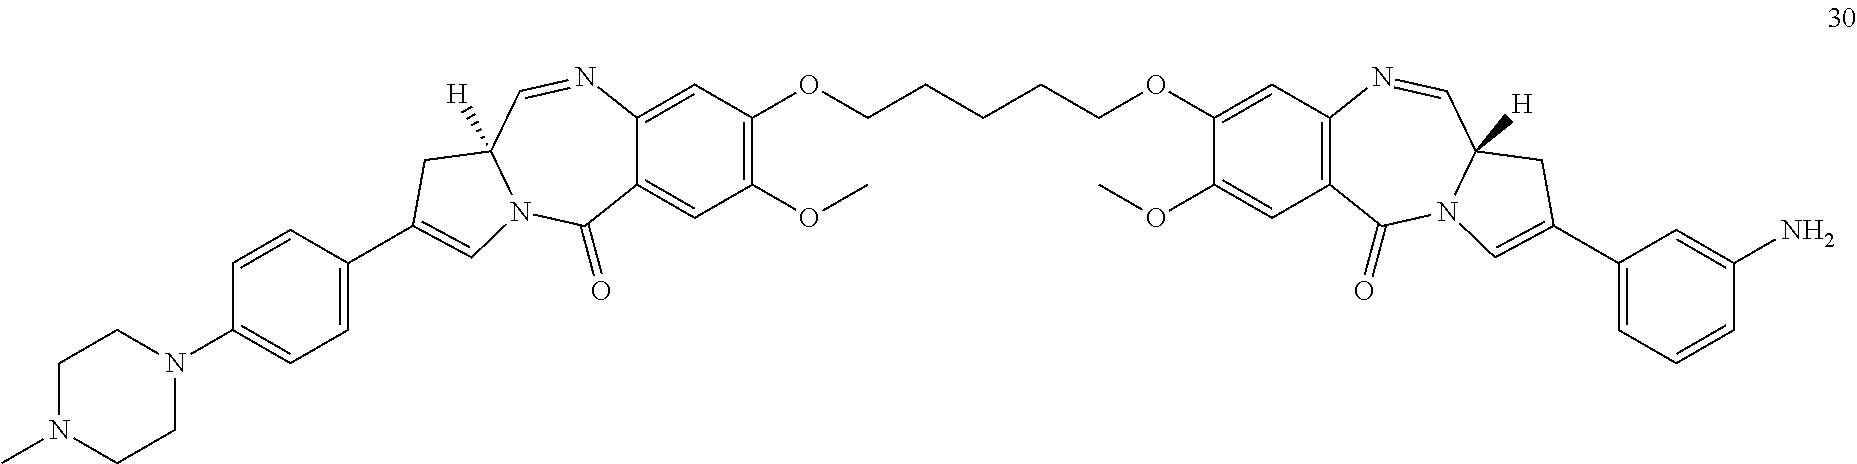 Figure US09919056-20180320-C00032